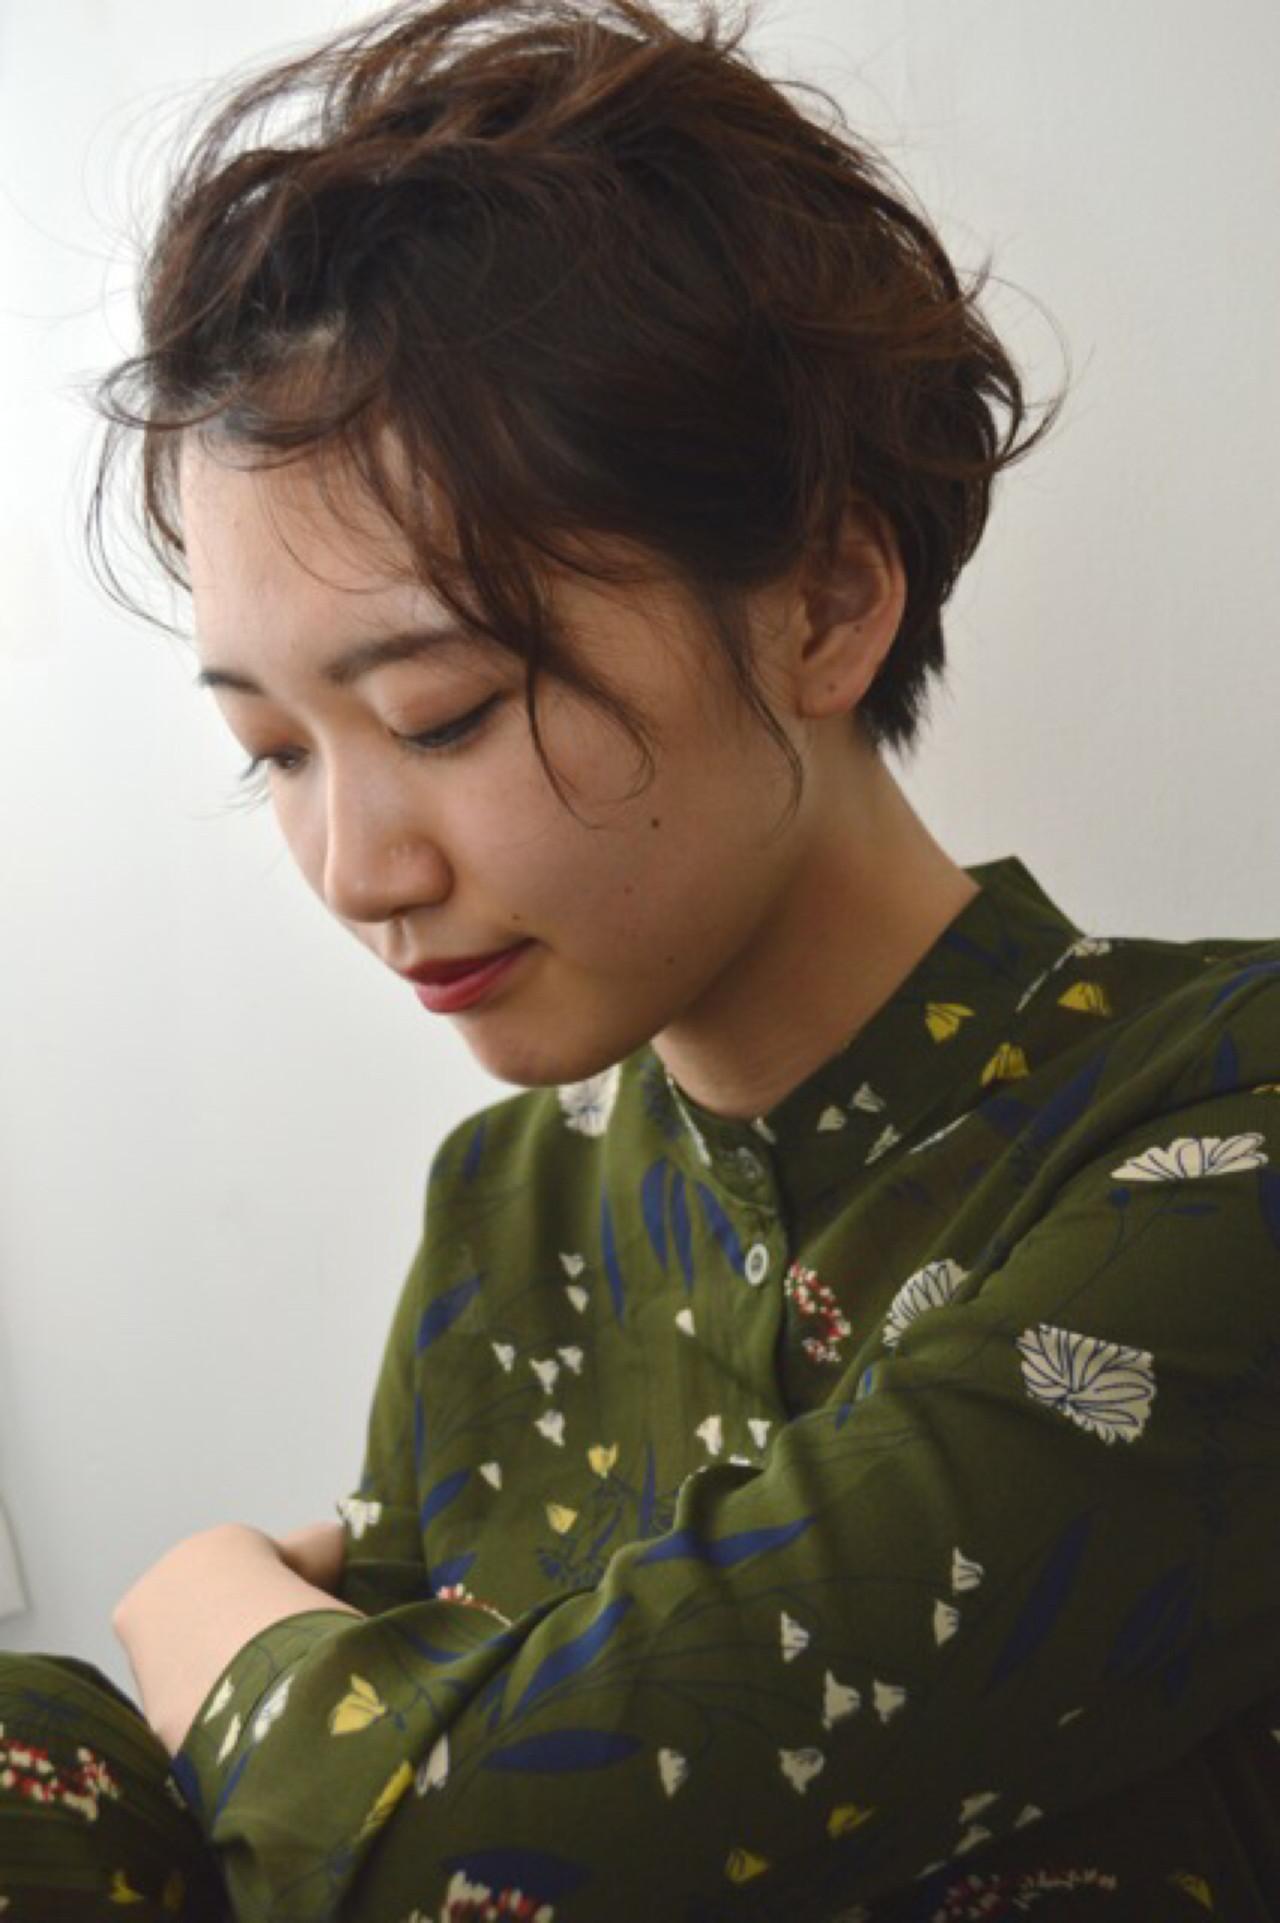 前髪と耳上の髪をねじって簡単ハーフアップ YOSUKE KOJIMA  CONO HAIR